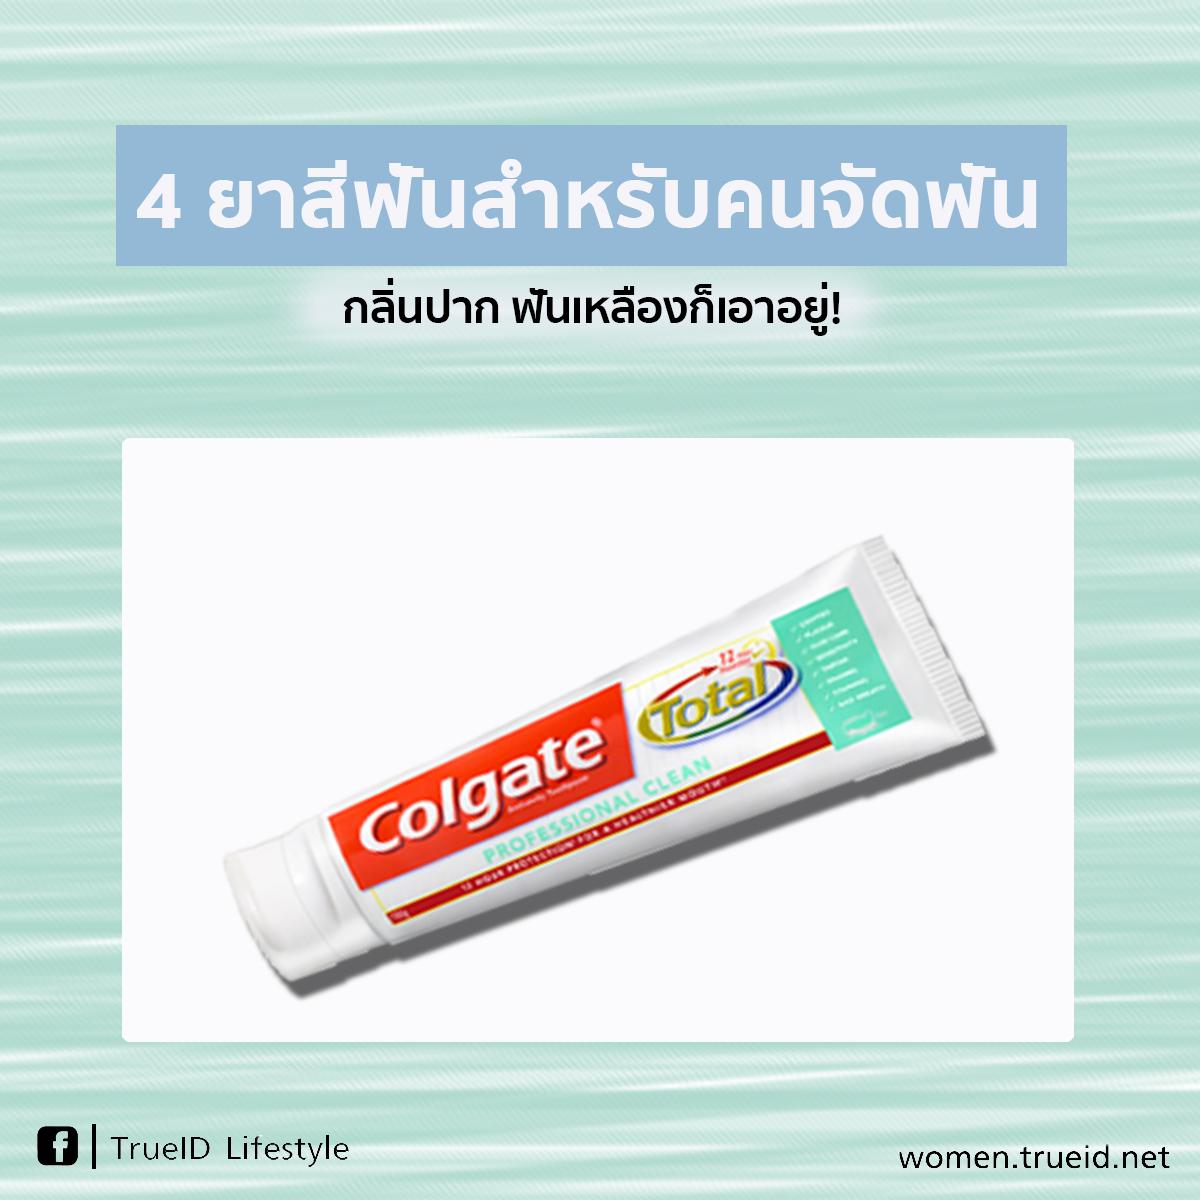 ฟันขาววิ้ง! 4 ยาสีฟันสำหรับคนจัดฟัน กลิ่นปาก ฟันเหลืองก็เอาอยู่!